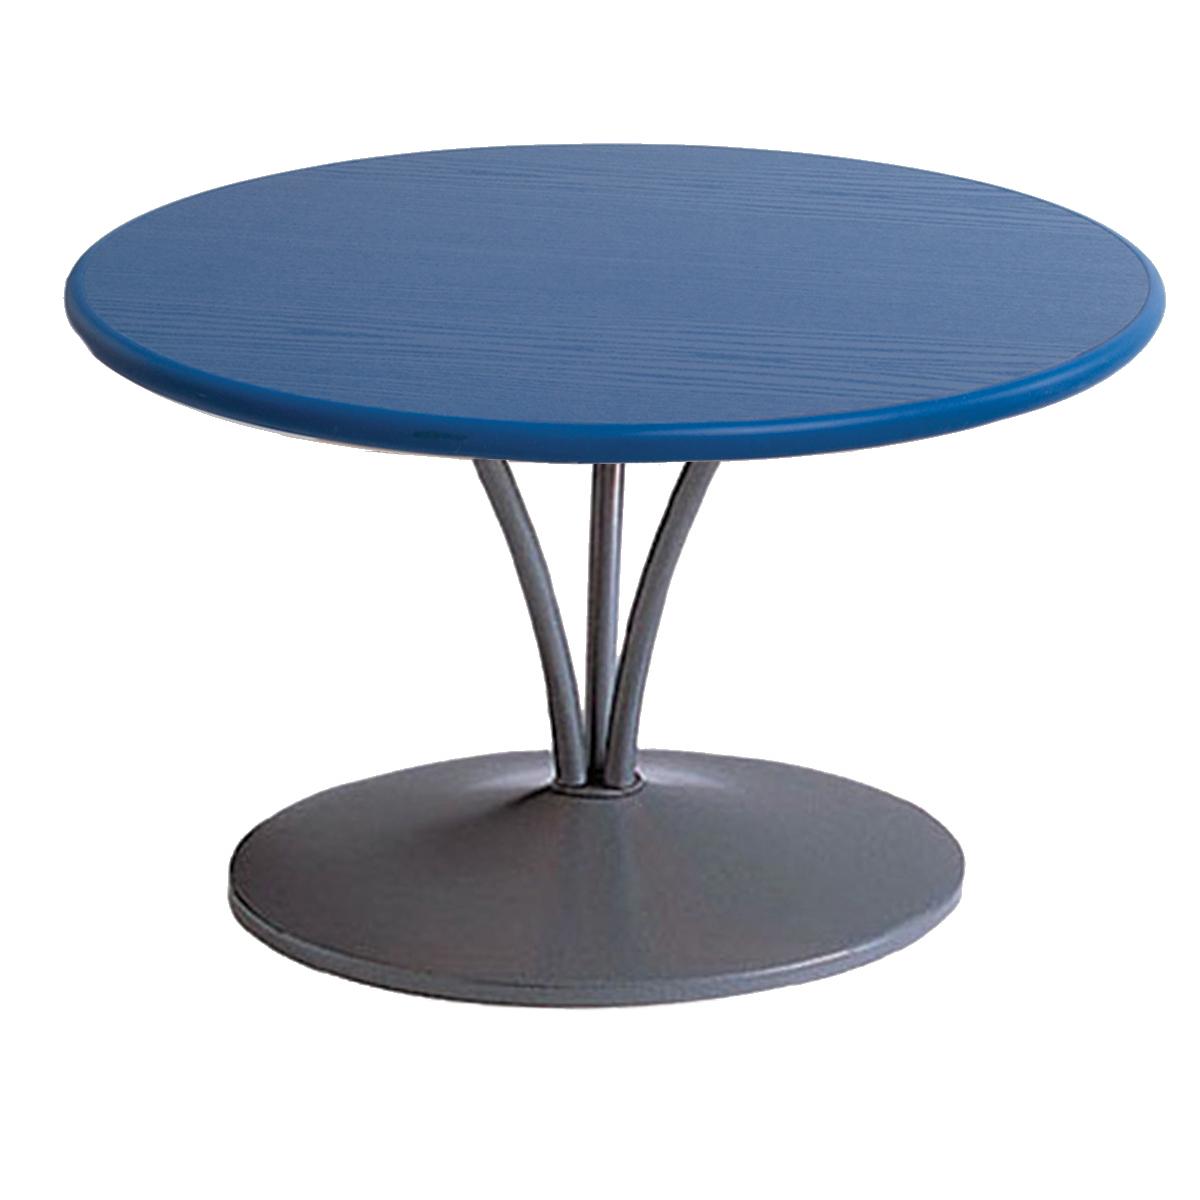 table basse trilogie bleu 80 internation moduling. Black Bedroom Furniture Sets. Home Design Ideas